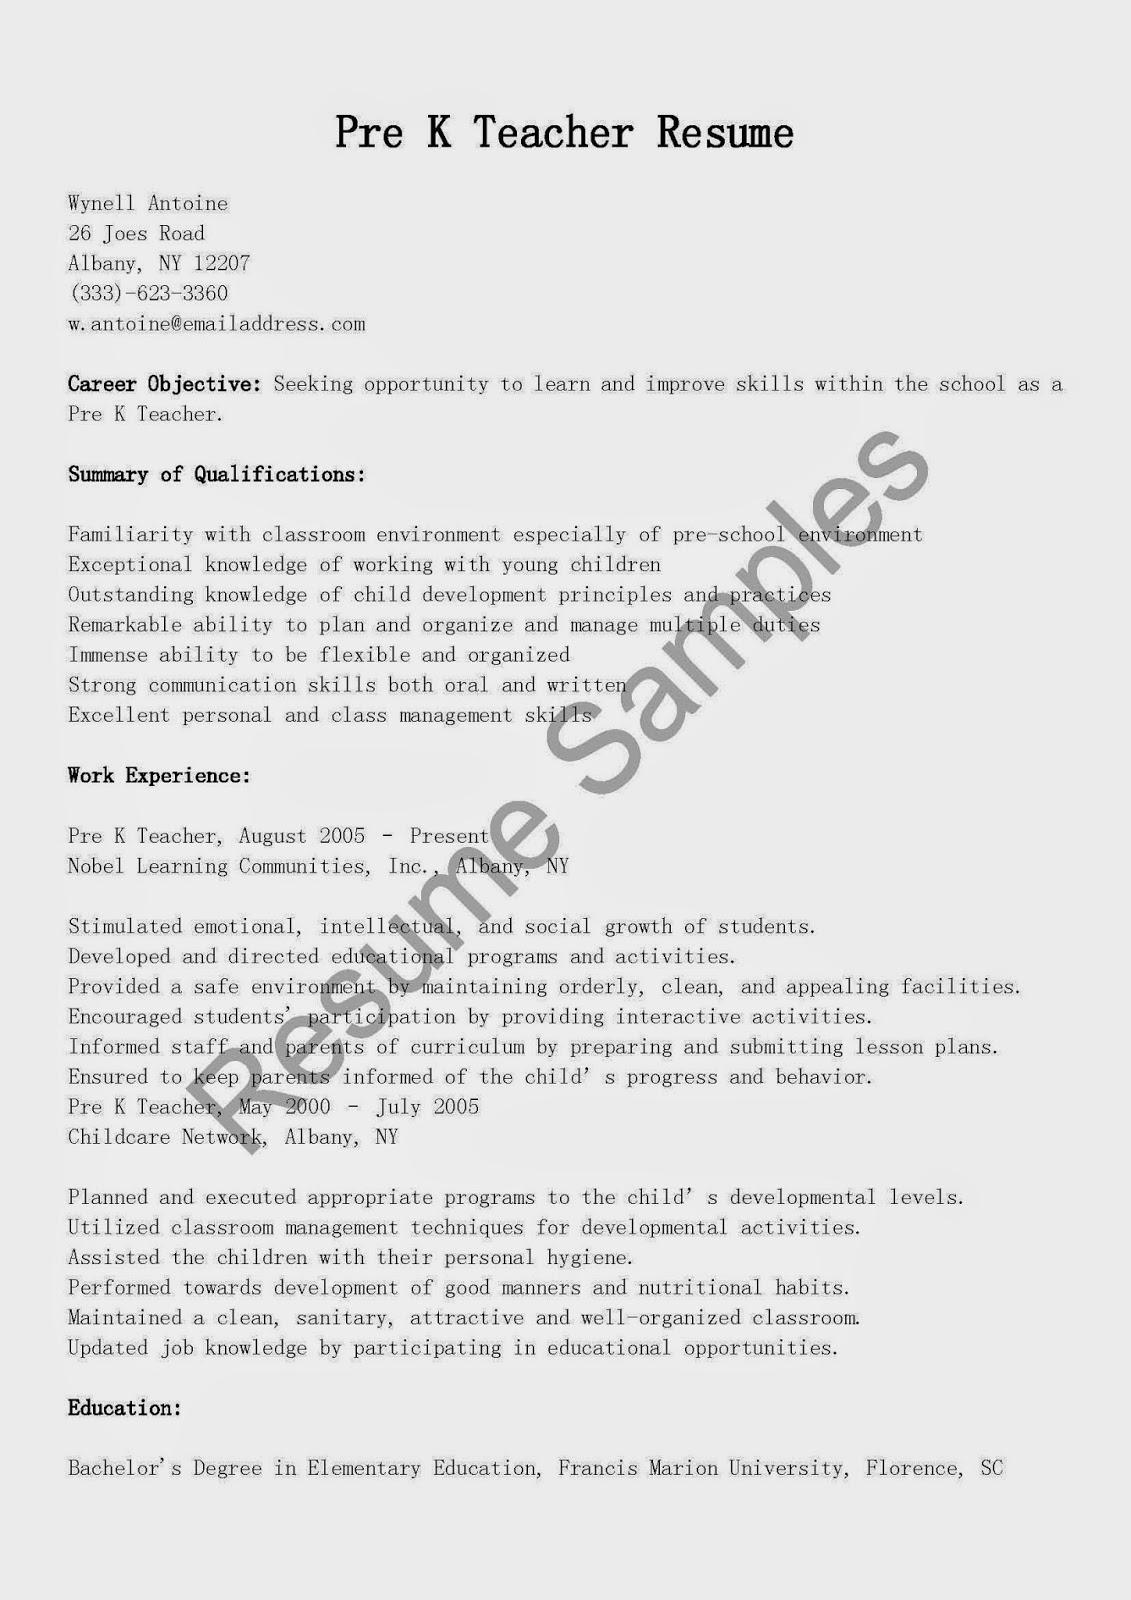 Resume samples pre k teacher resume sample for Pre primary school teacher resume sample